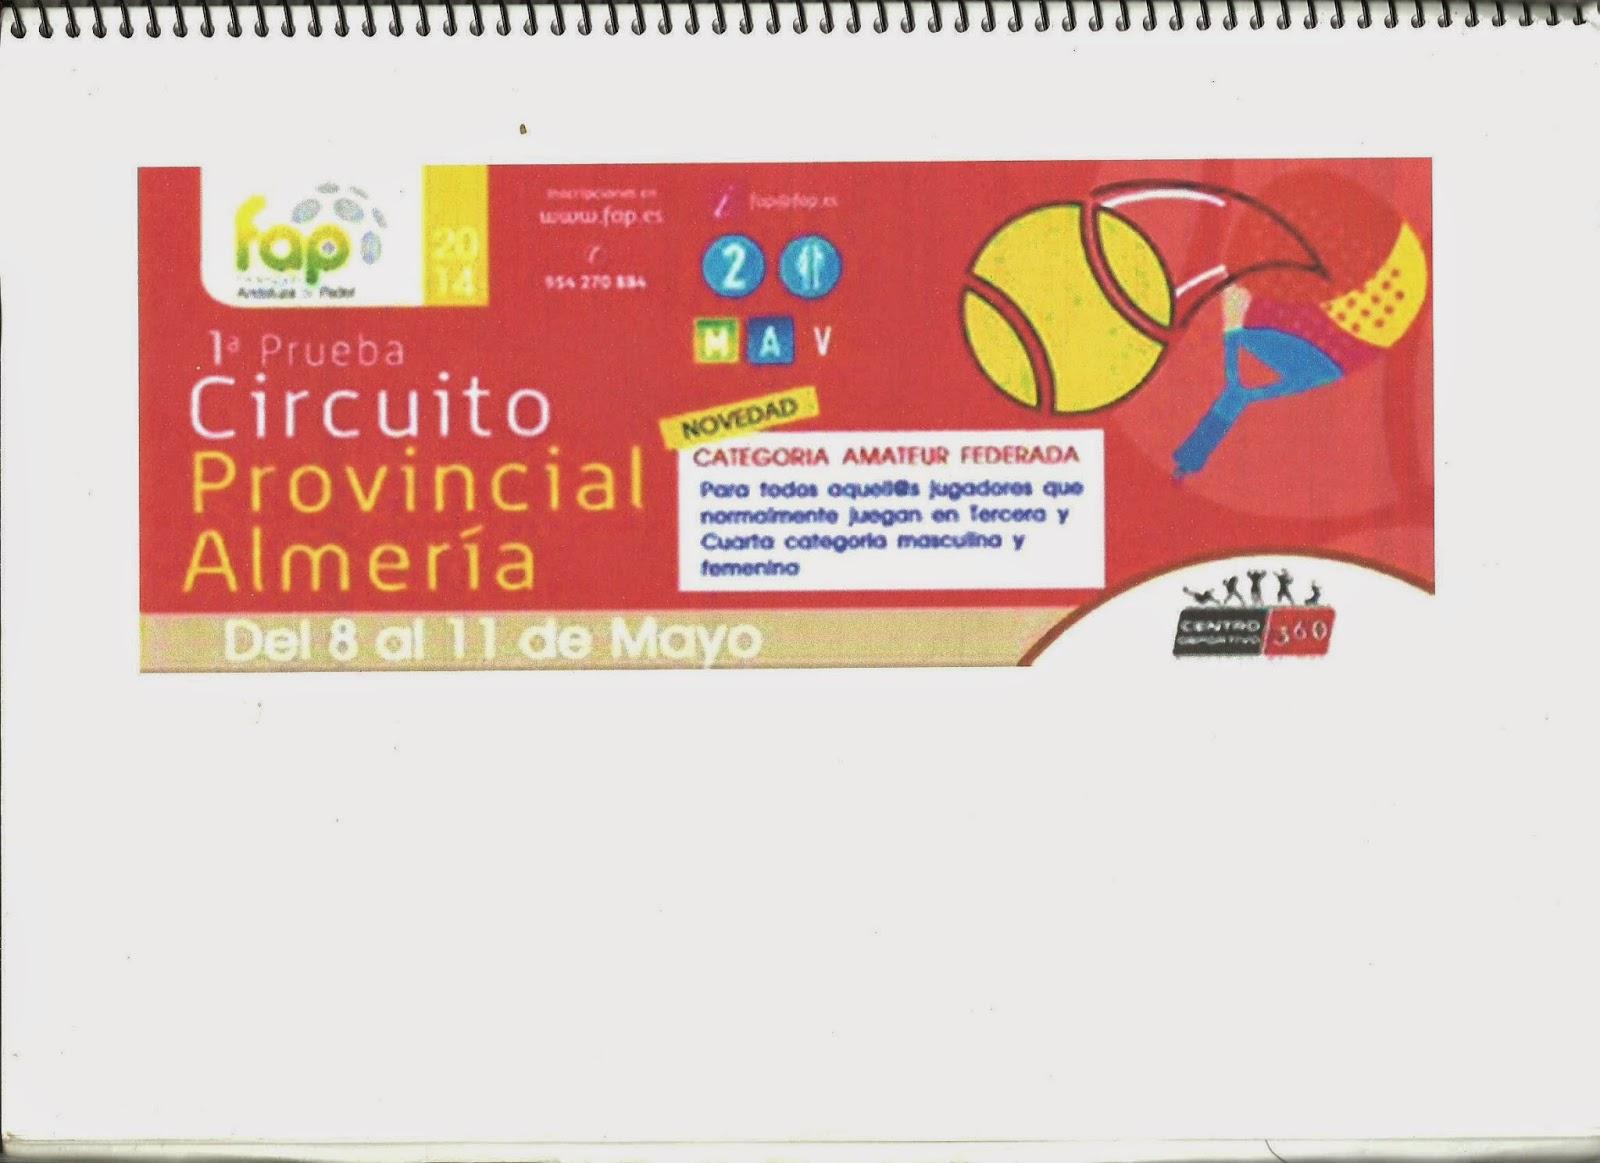 """Imagen de la portada del """"libro-guía"""" de la 1ª Prueba del Circuito Provincial"""